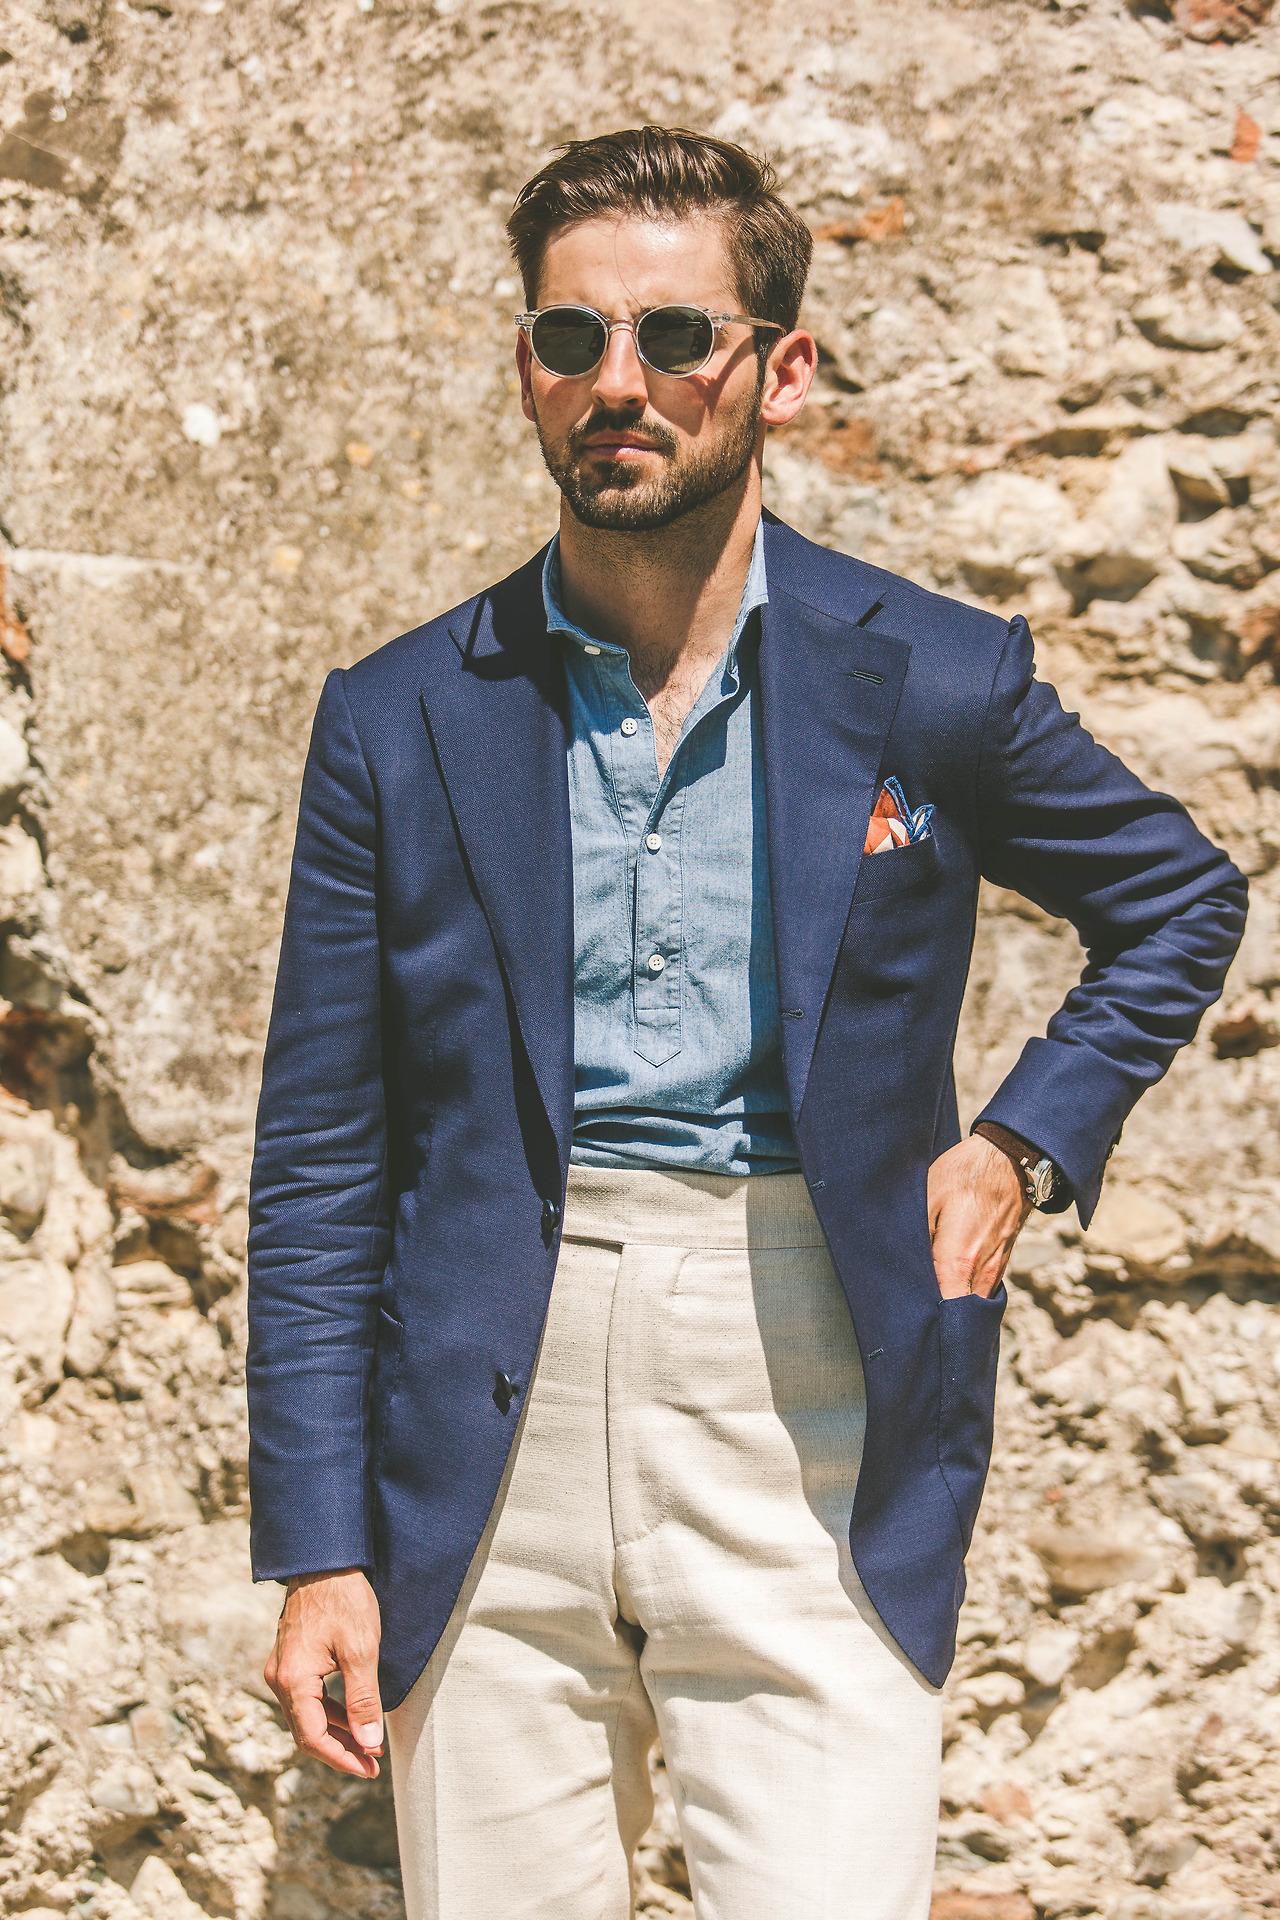 Le montant du pantalon est très long, la ceinture remonte au-dessus du deuxième bouton de la veste, on se rapproche ici d'une véritable taille haute au sens technique.